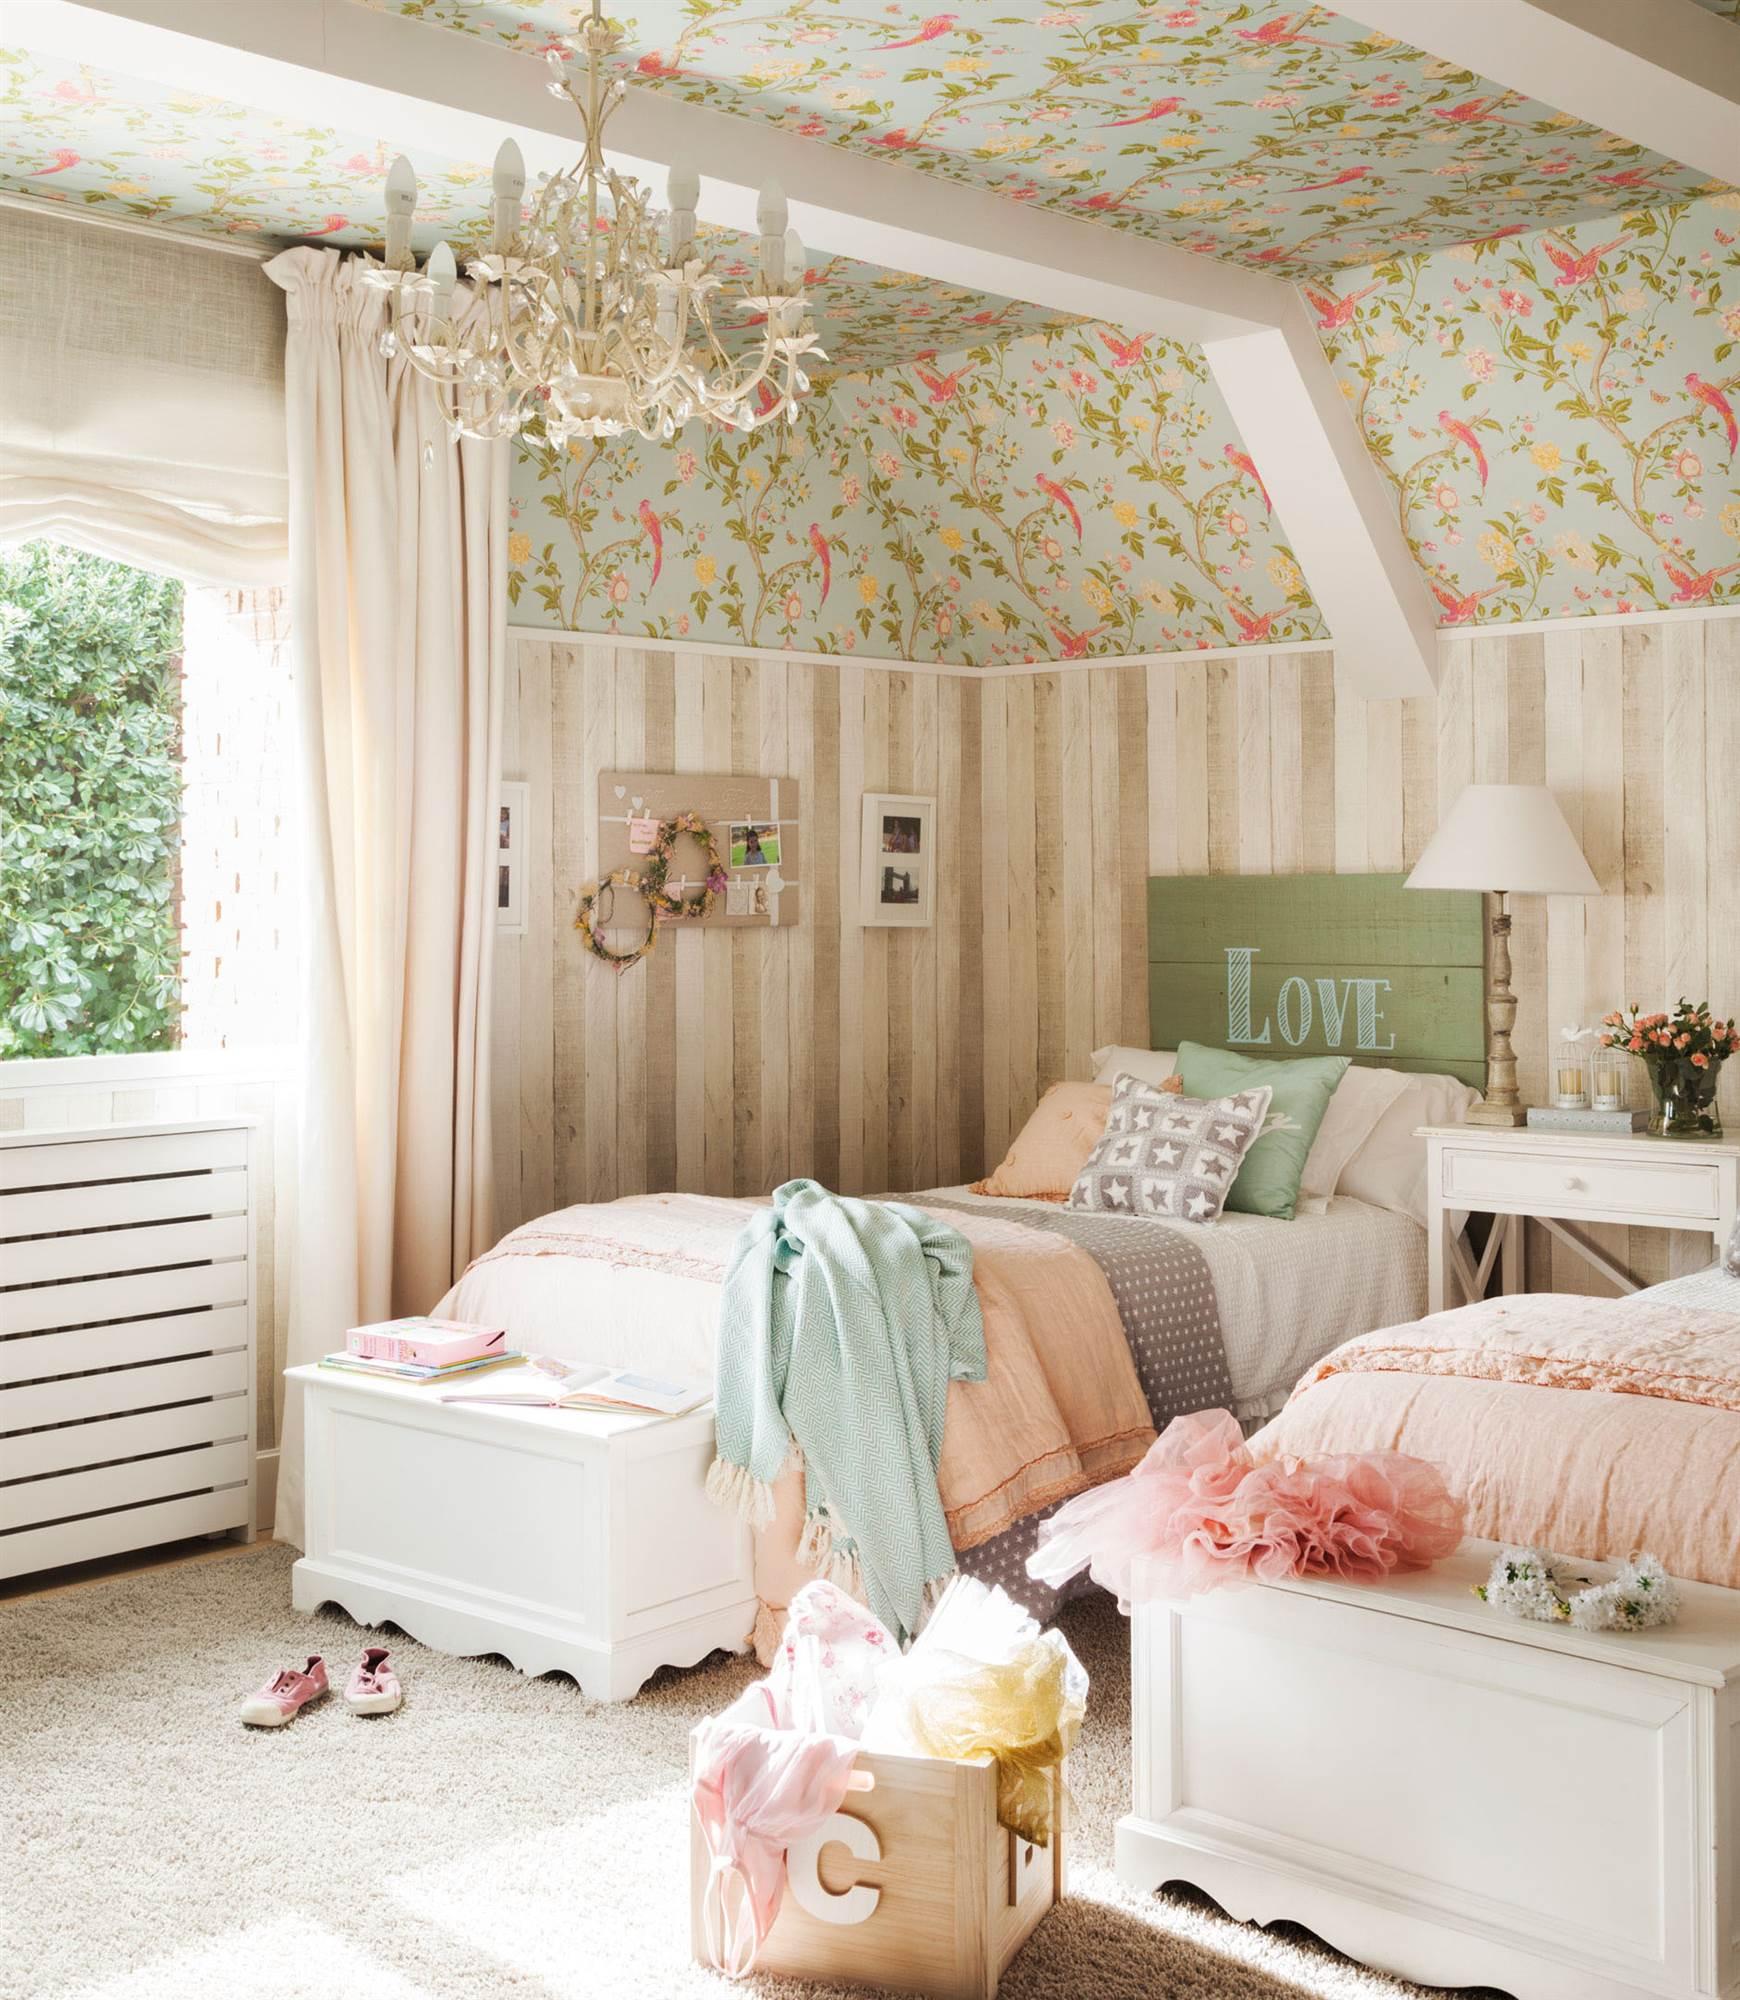 2558 fotos de dormitorios - Papel pintado el corte ingles ...